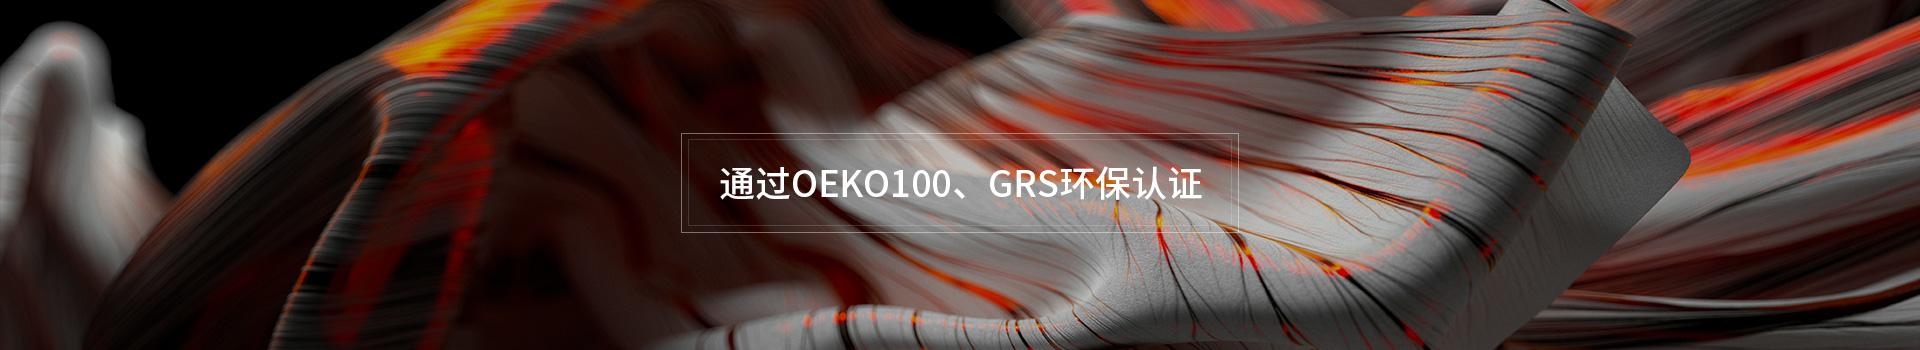 新成纺织再生面料产品通过OEKO100、GRS环保认证